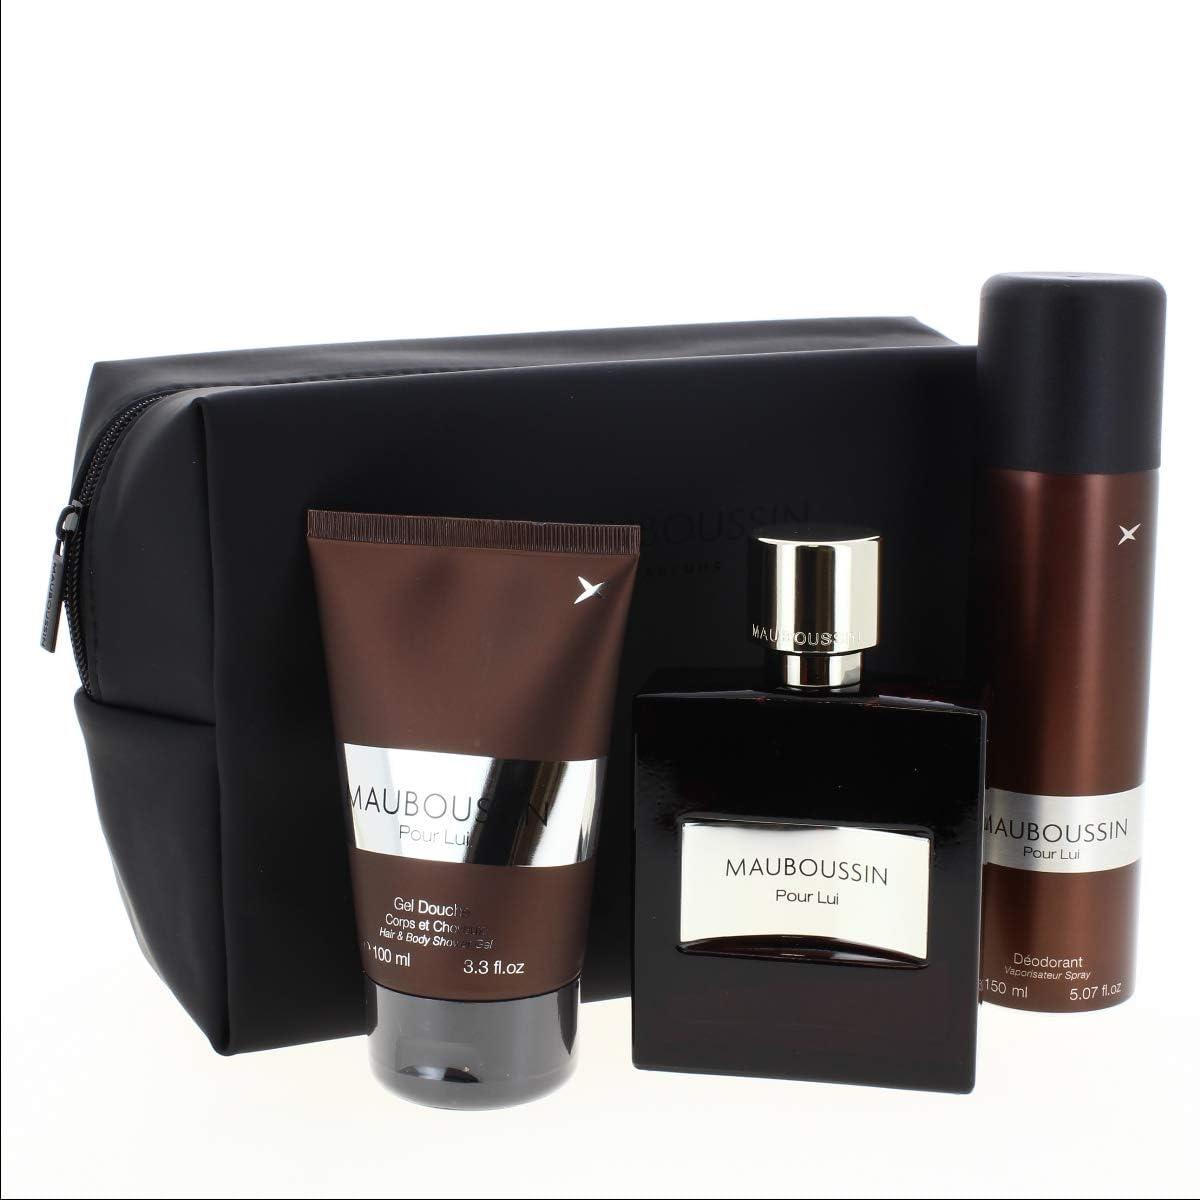 Mauboussin - Estuche para él Eau de Parfum, 100 ml, desodorante, 150 ml, gel de ducha para cuerpos y cabello, 100 ml + estuche: Amazon.es: Belleza